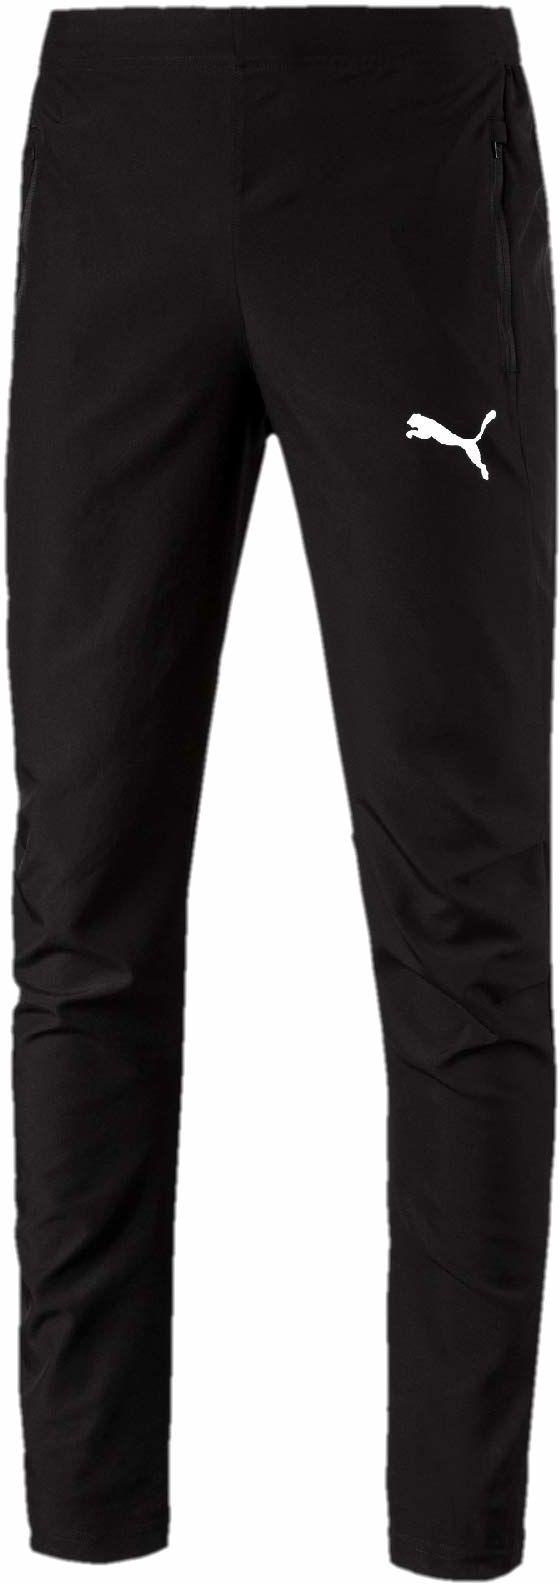 PUMA Męskie spodnie Liga Sideline Puma Black/Puma White XL